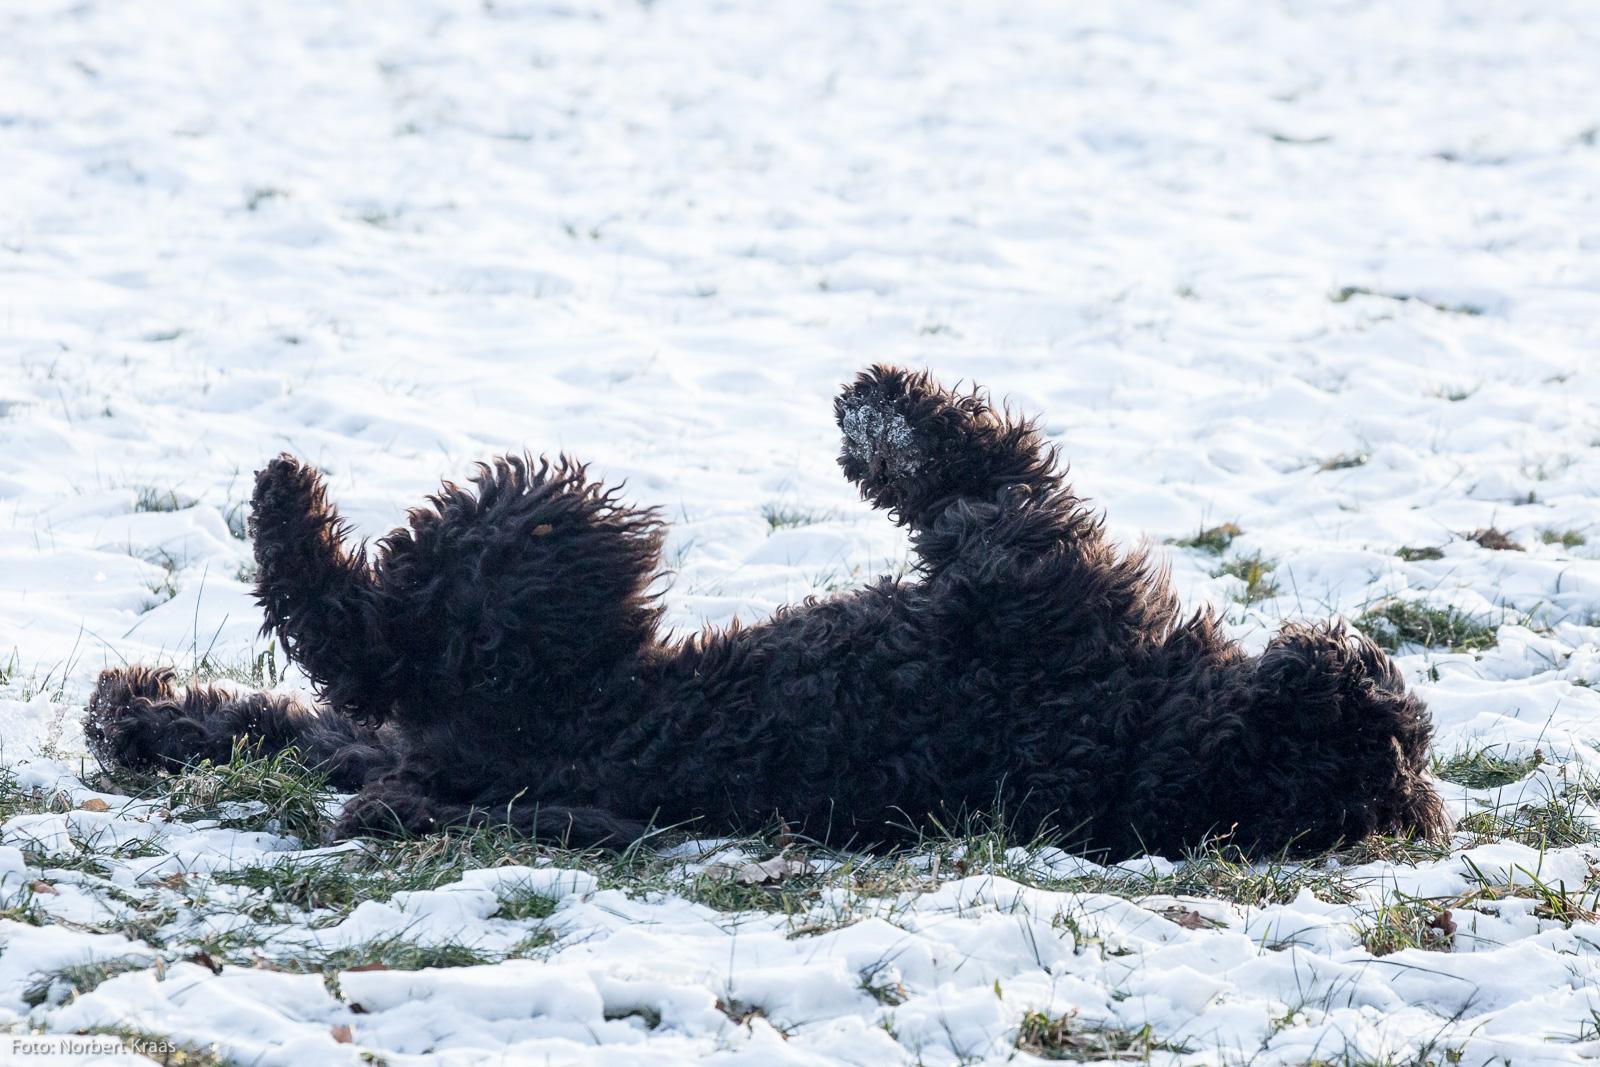 Sehr erfrischend. Zum Frühlingsanfang ein kleines Bad im Schnee bei -8°C